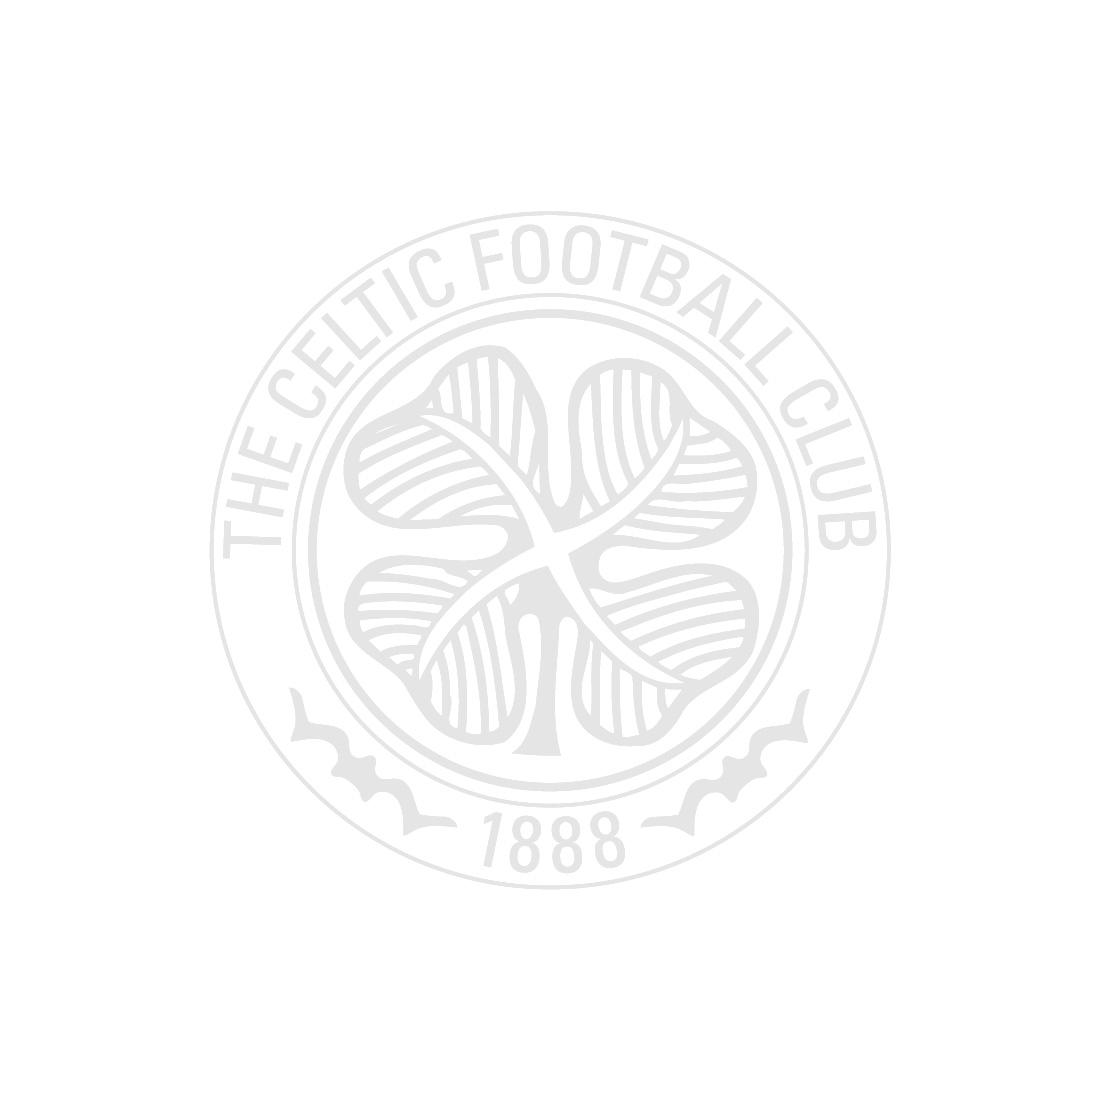 Celtic Premium Travel Bag - Online Exclusive